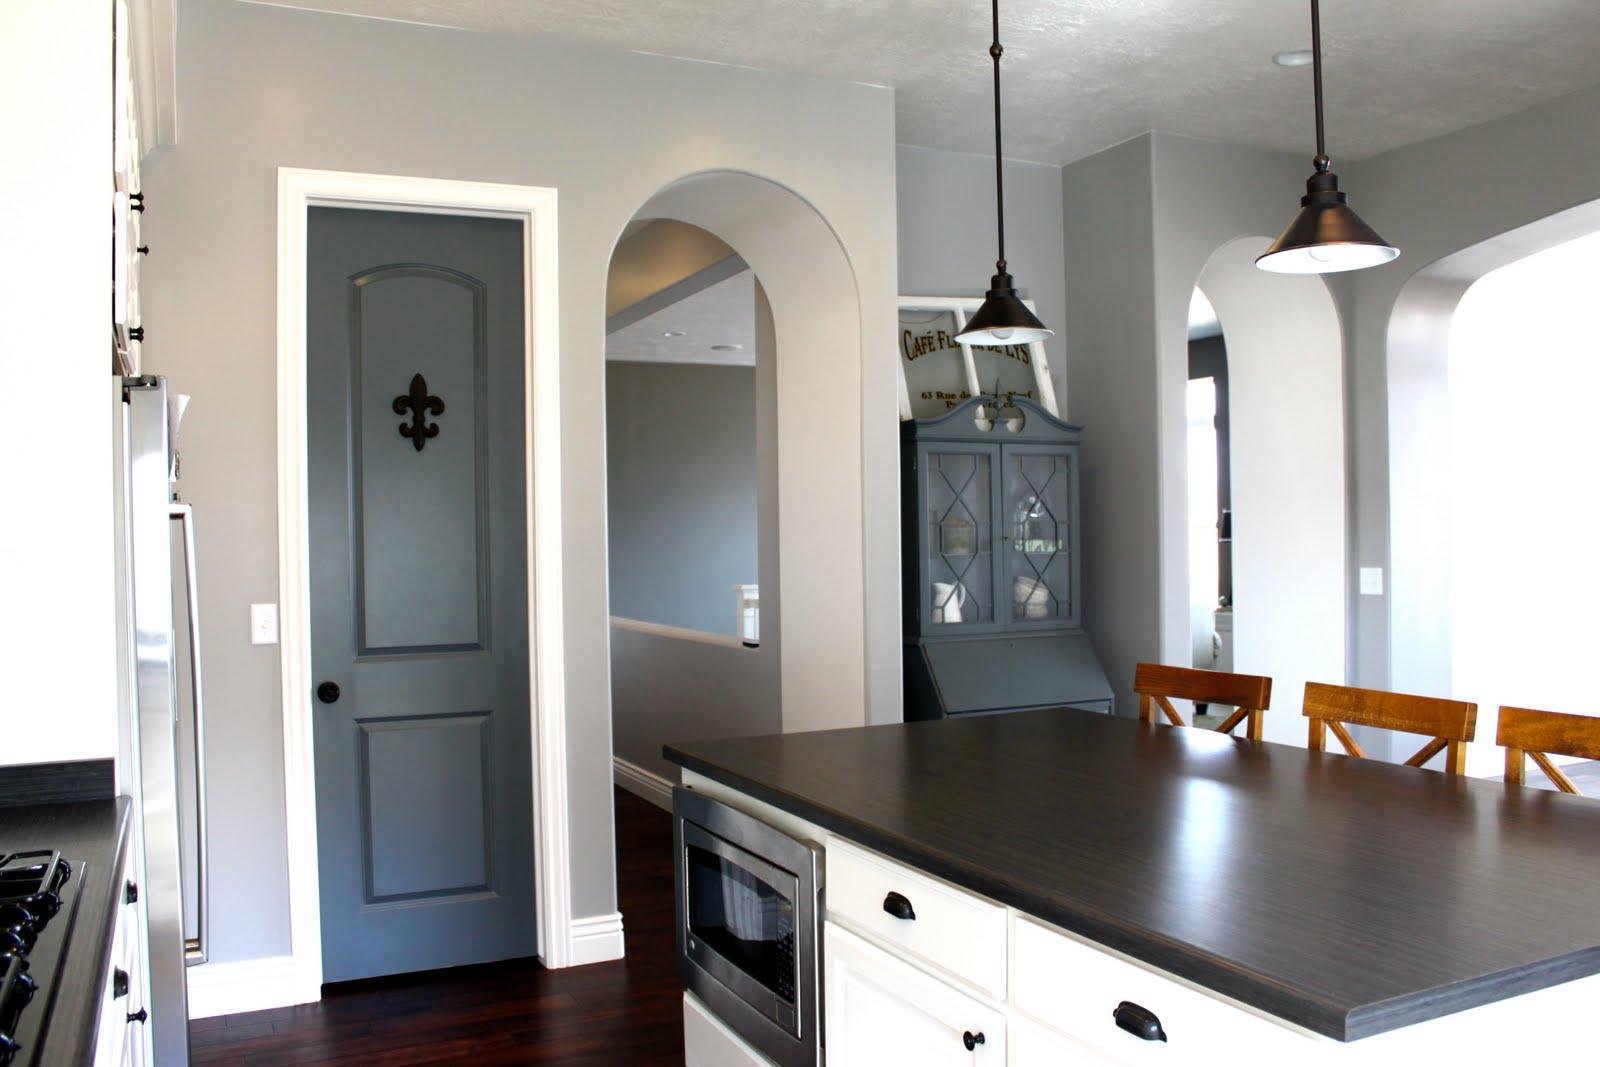 IMG_2923 Painted Back Kitchen Door Ideas on chalk paint kitchen cabinets ideas, two tone painted kitchen cabinets color ideas, 10 x 10 kitchen design ideas, black painted kitchen cabinet ideas, cabinet chalkboard paint ideas,